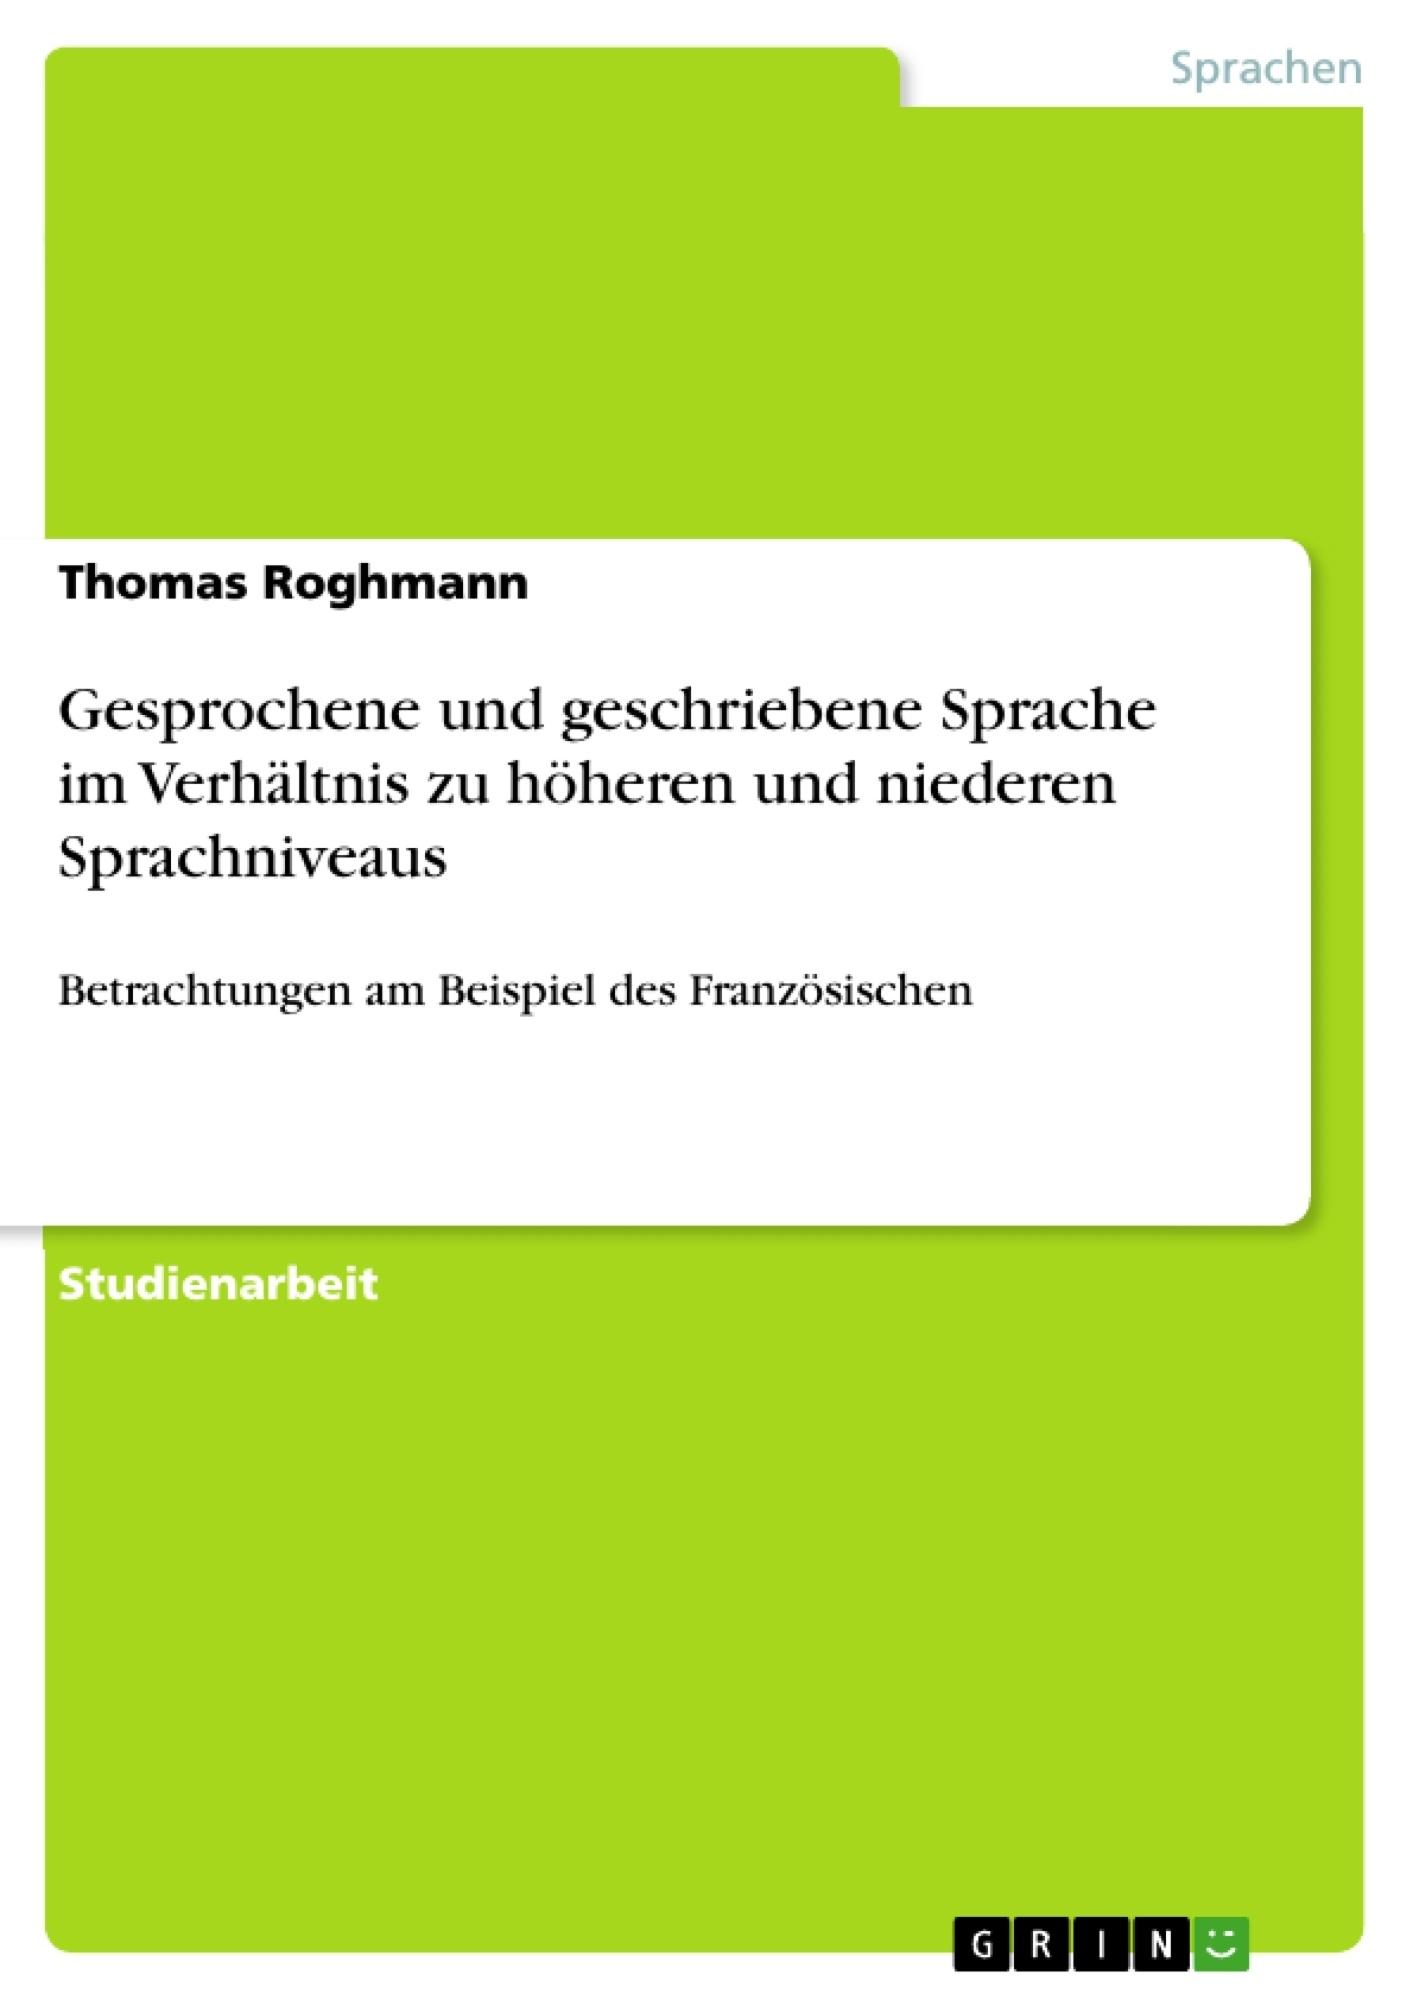 Titel: Gesprochene und geschriebene Sprache im Verhältnis zu höheren und niederen Sprachniveaus